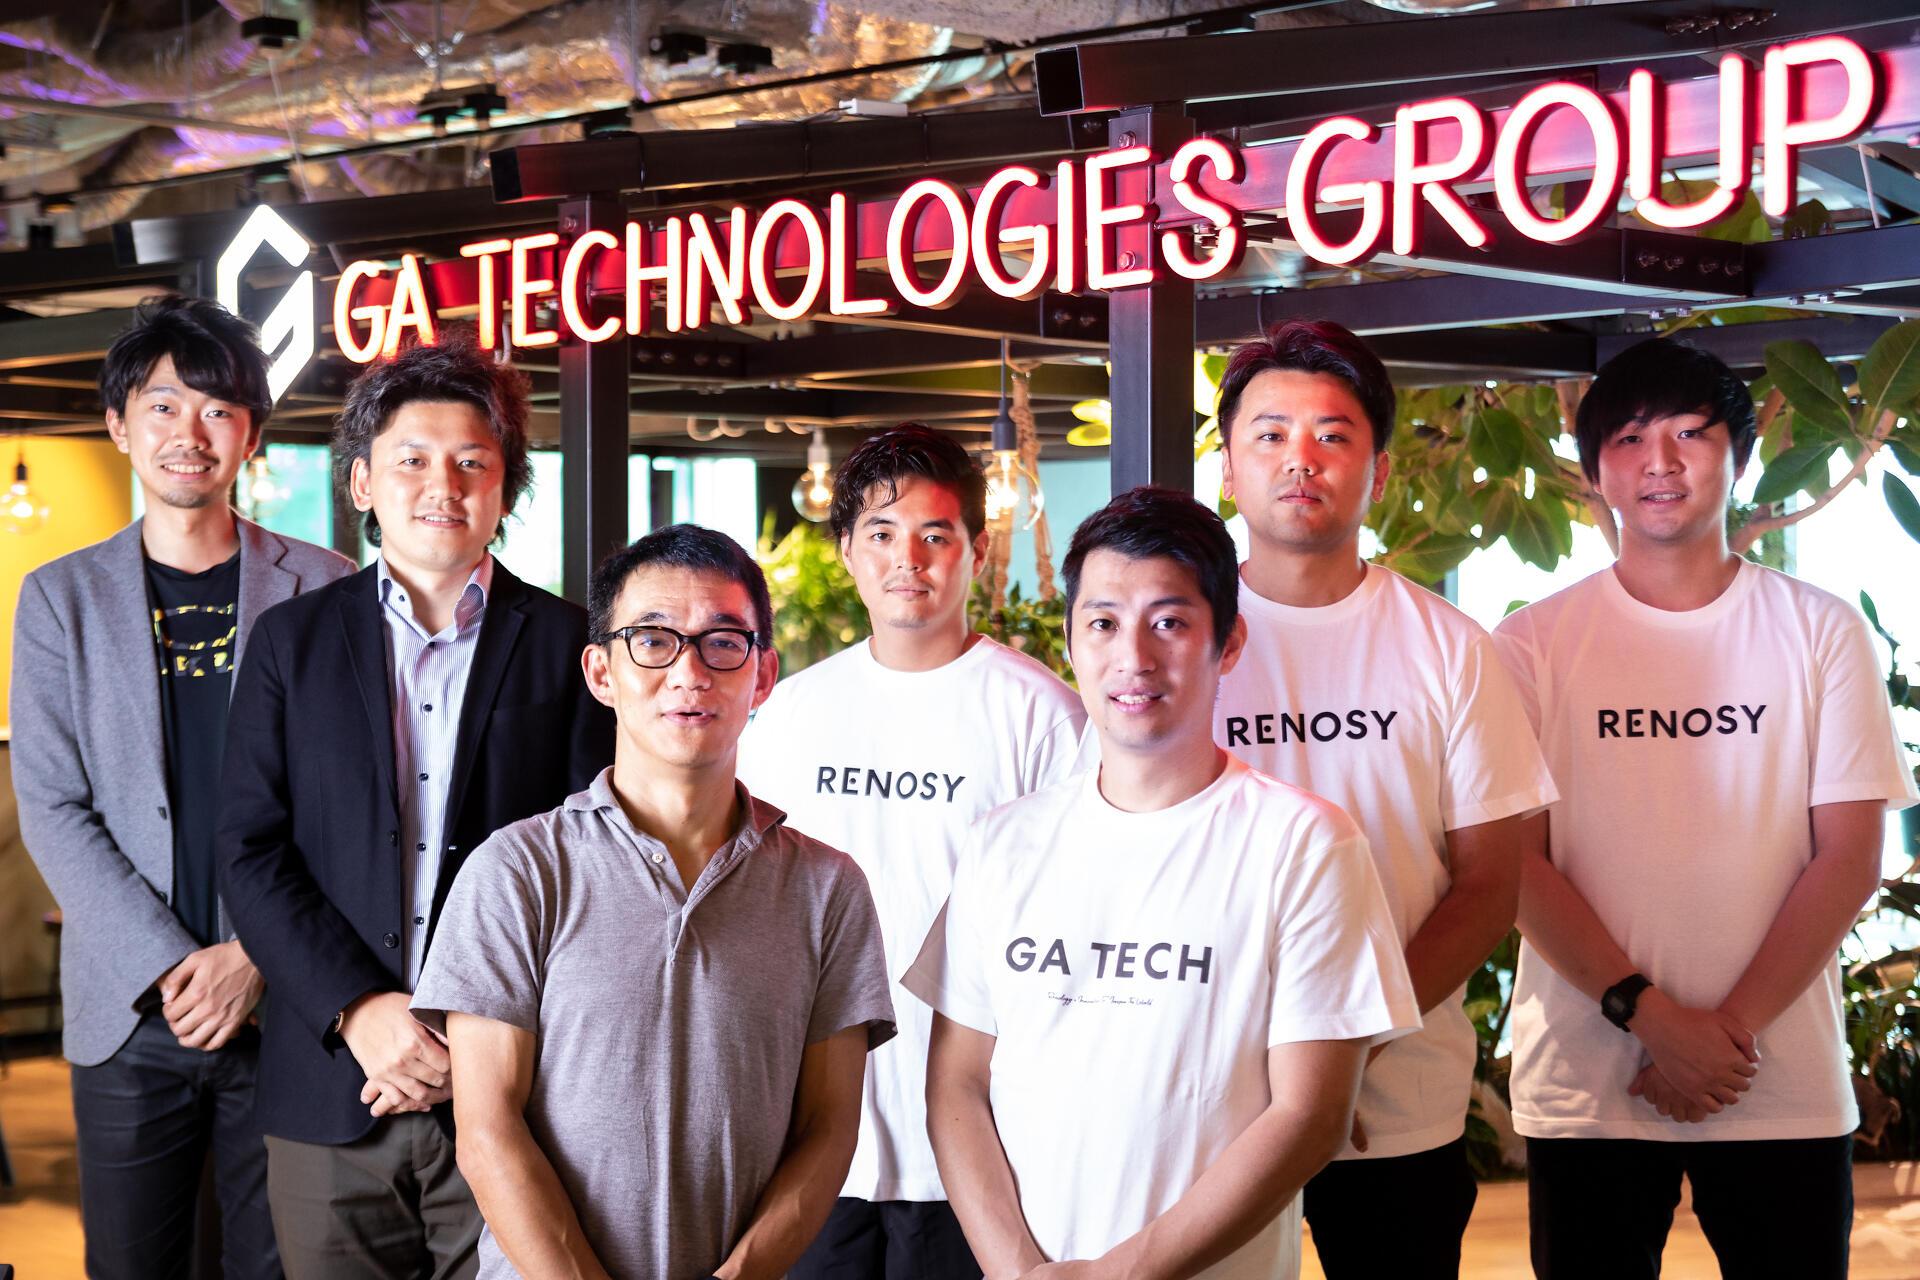 中古不動産流通プラットフォーム「RENOSY(リノシー)」とGoogleがデジタルマーケティングにおいて協業合意